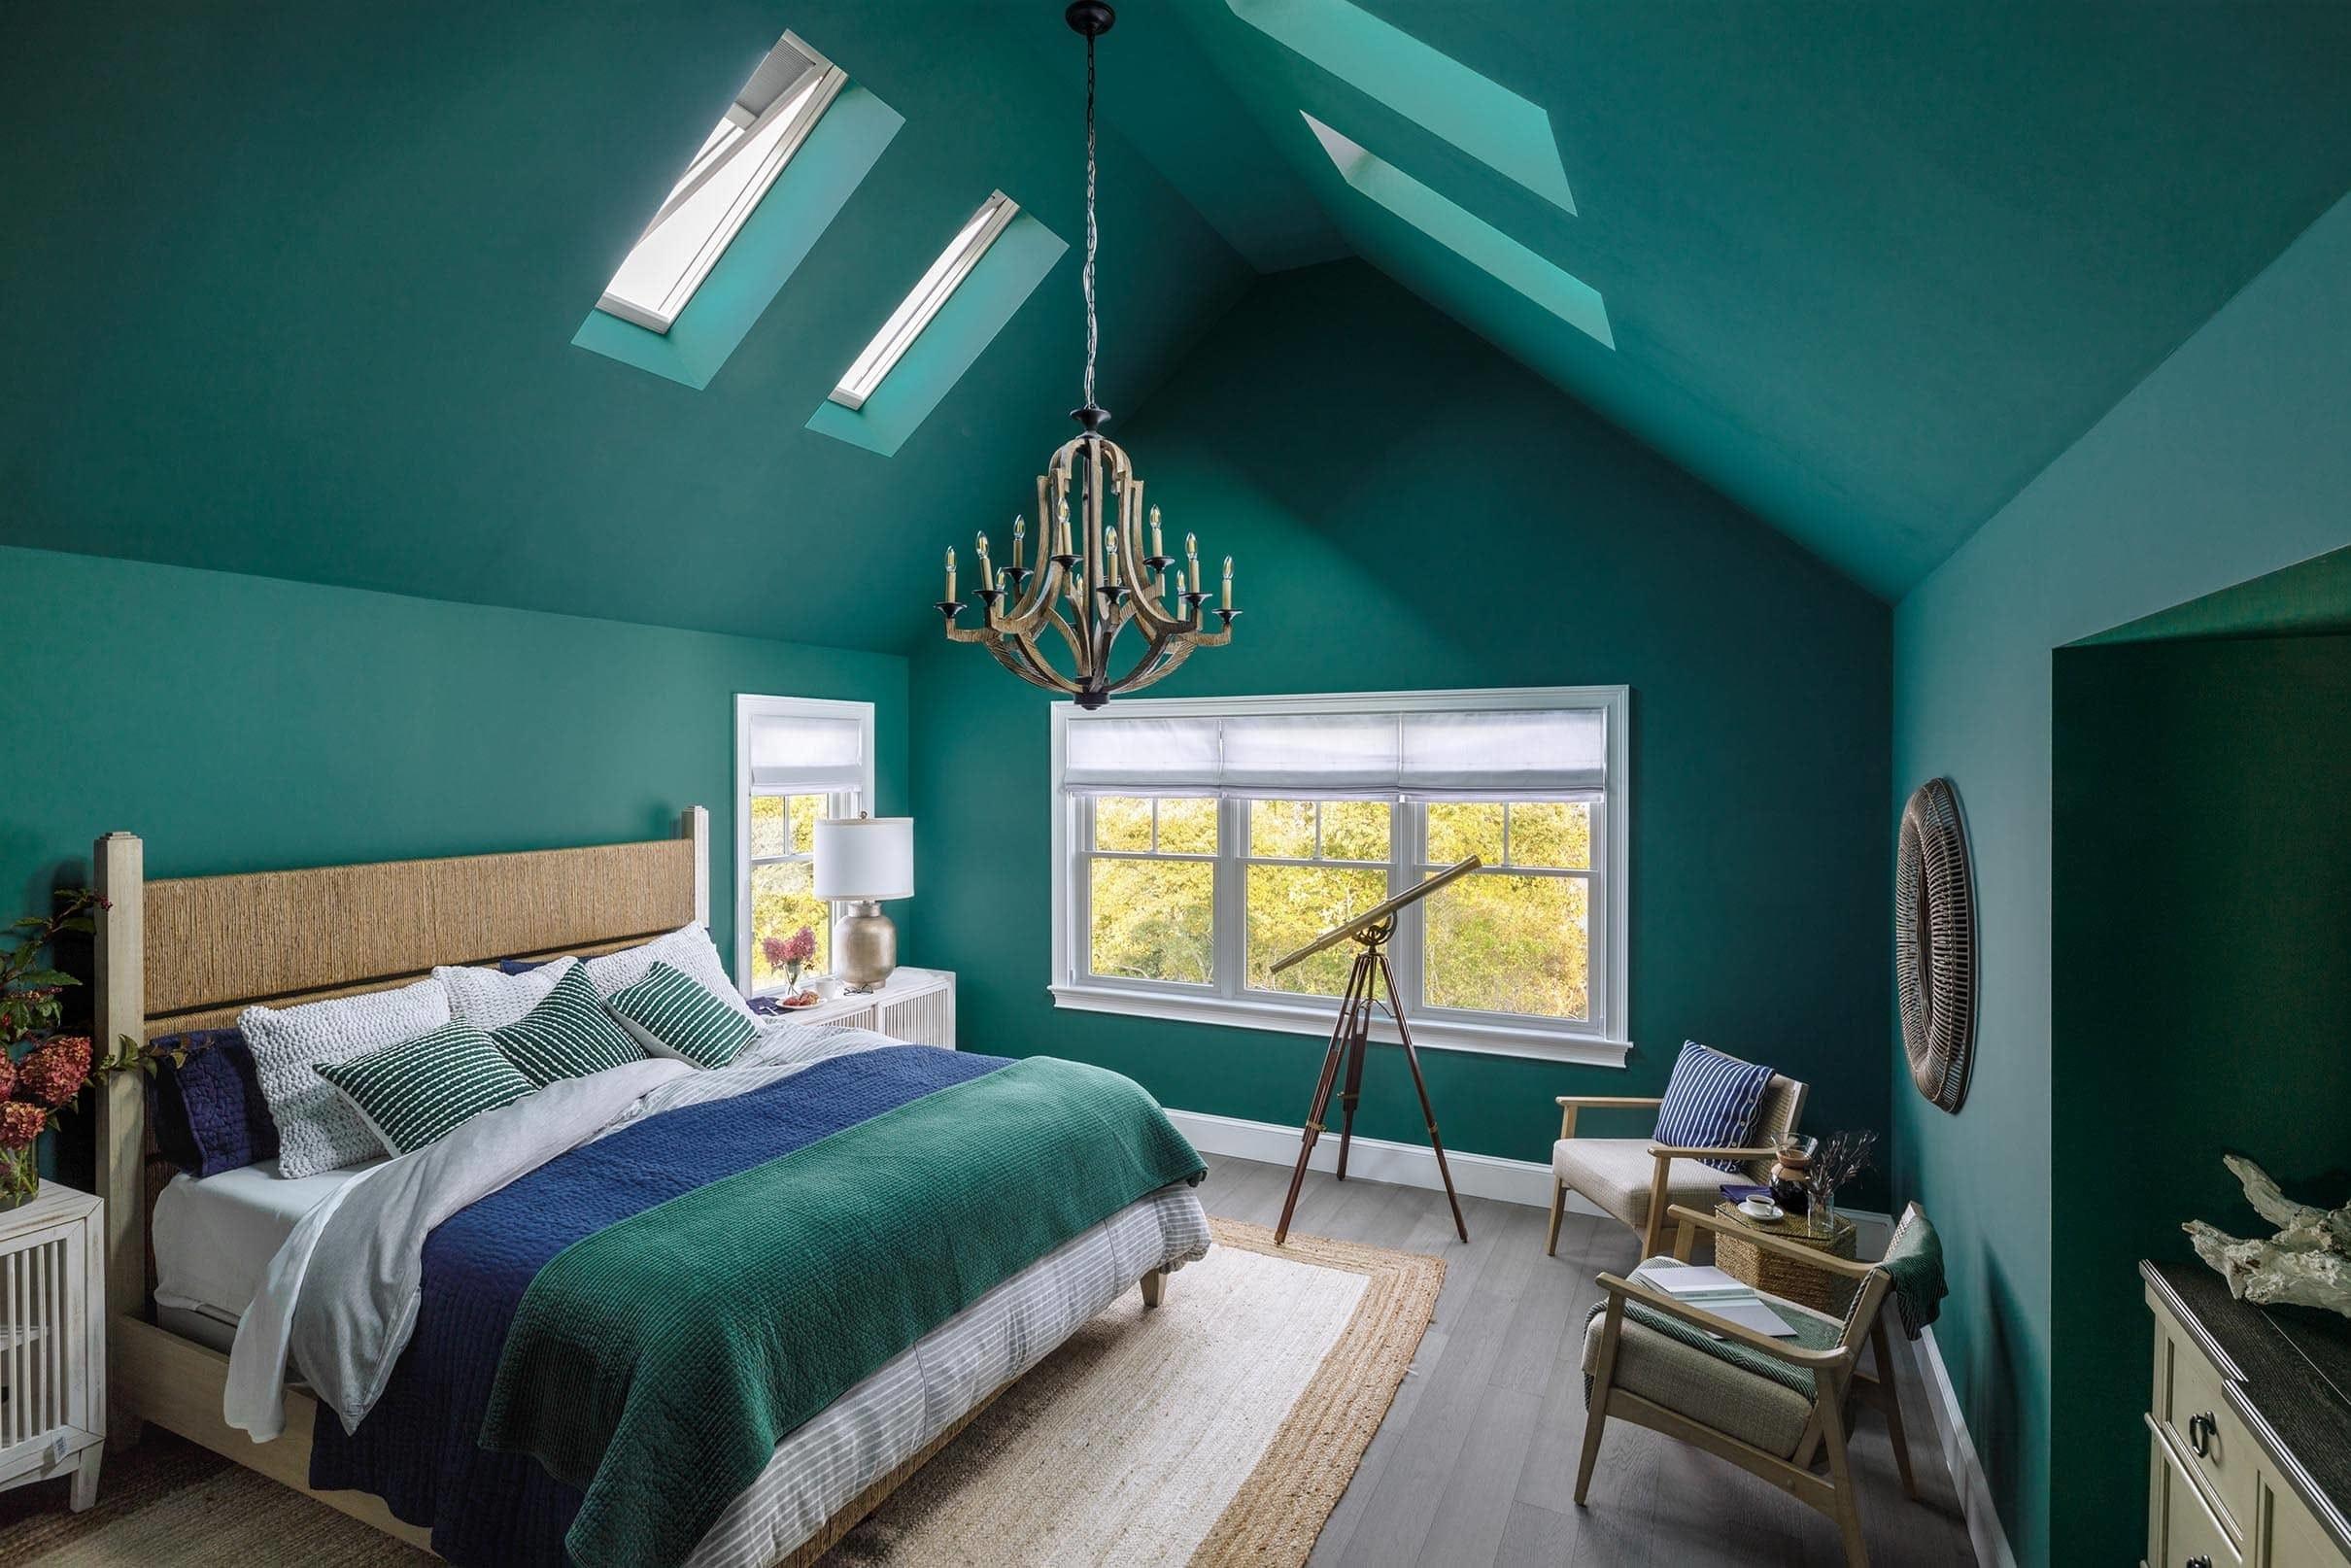 Bedroom green walls open skylights